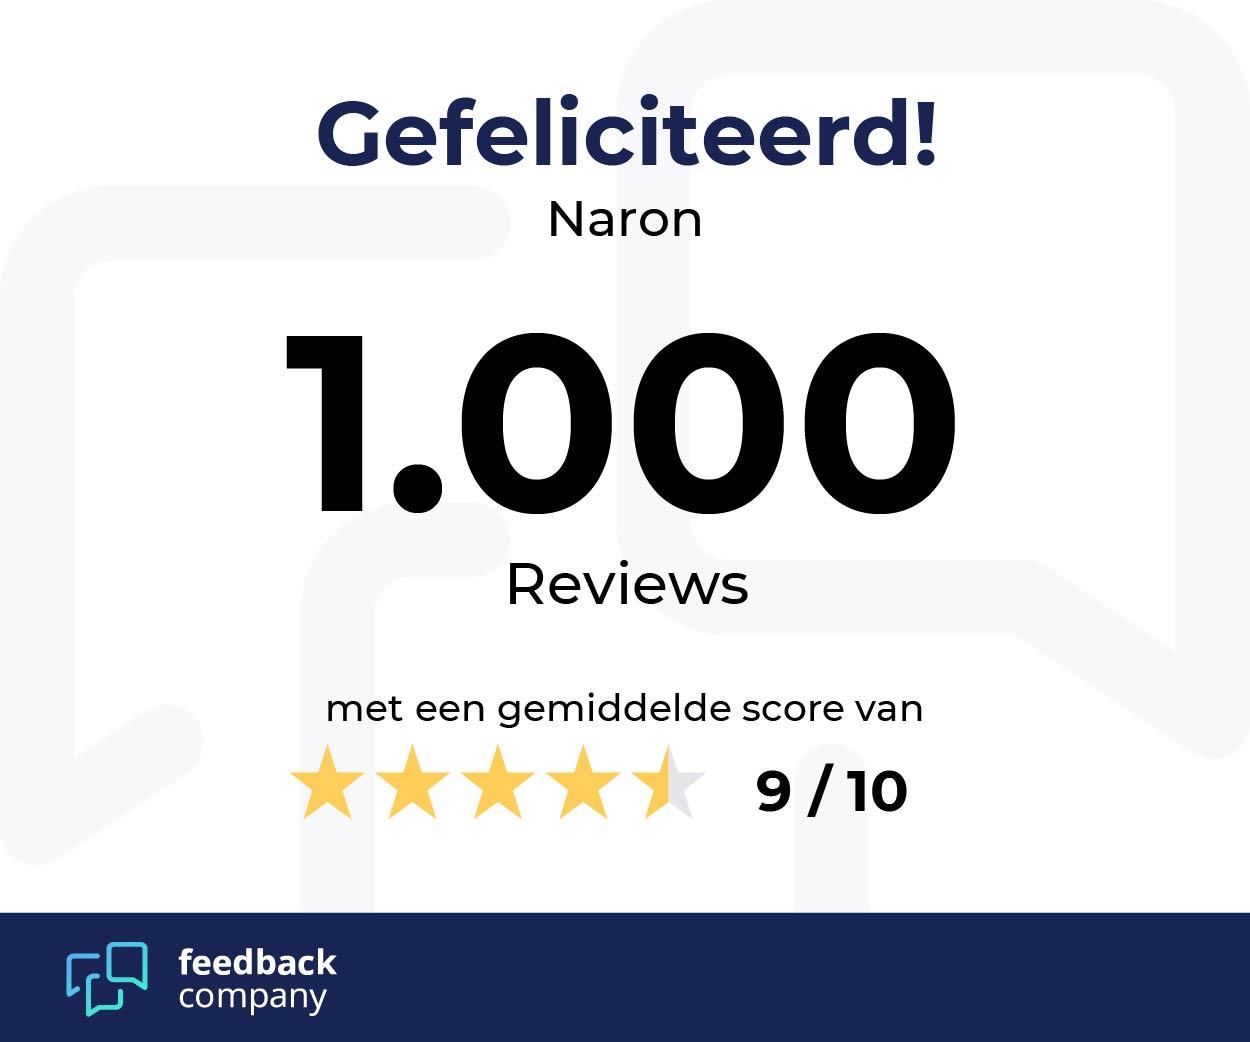 Naron heeft de 1000 revieuws gehaald bij feedback company